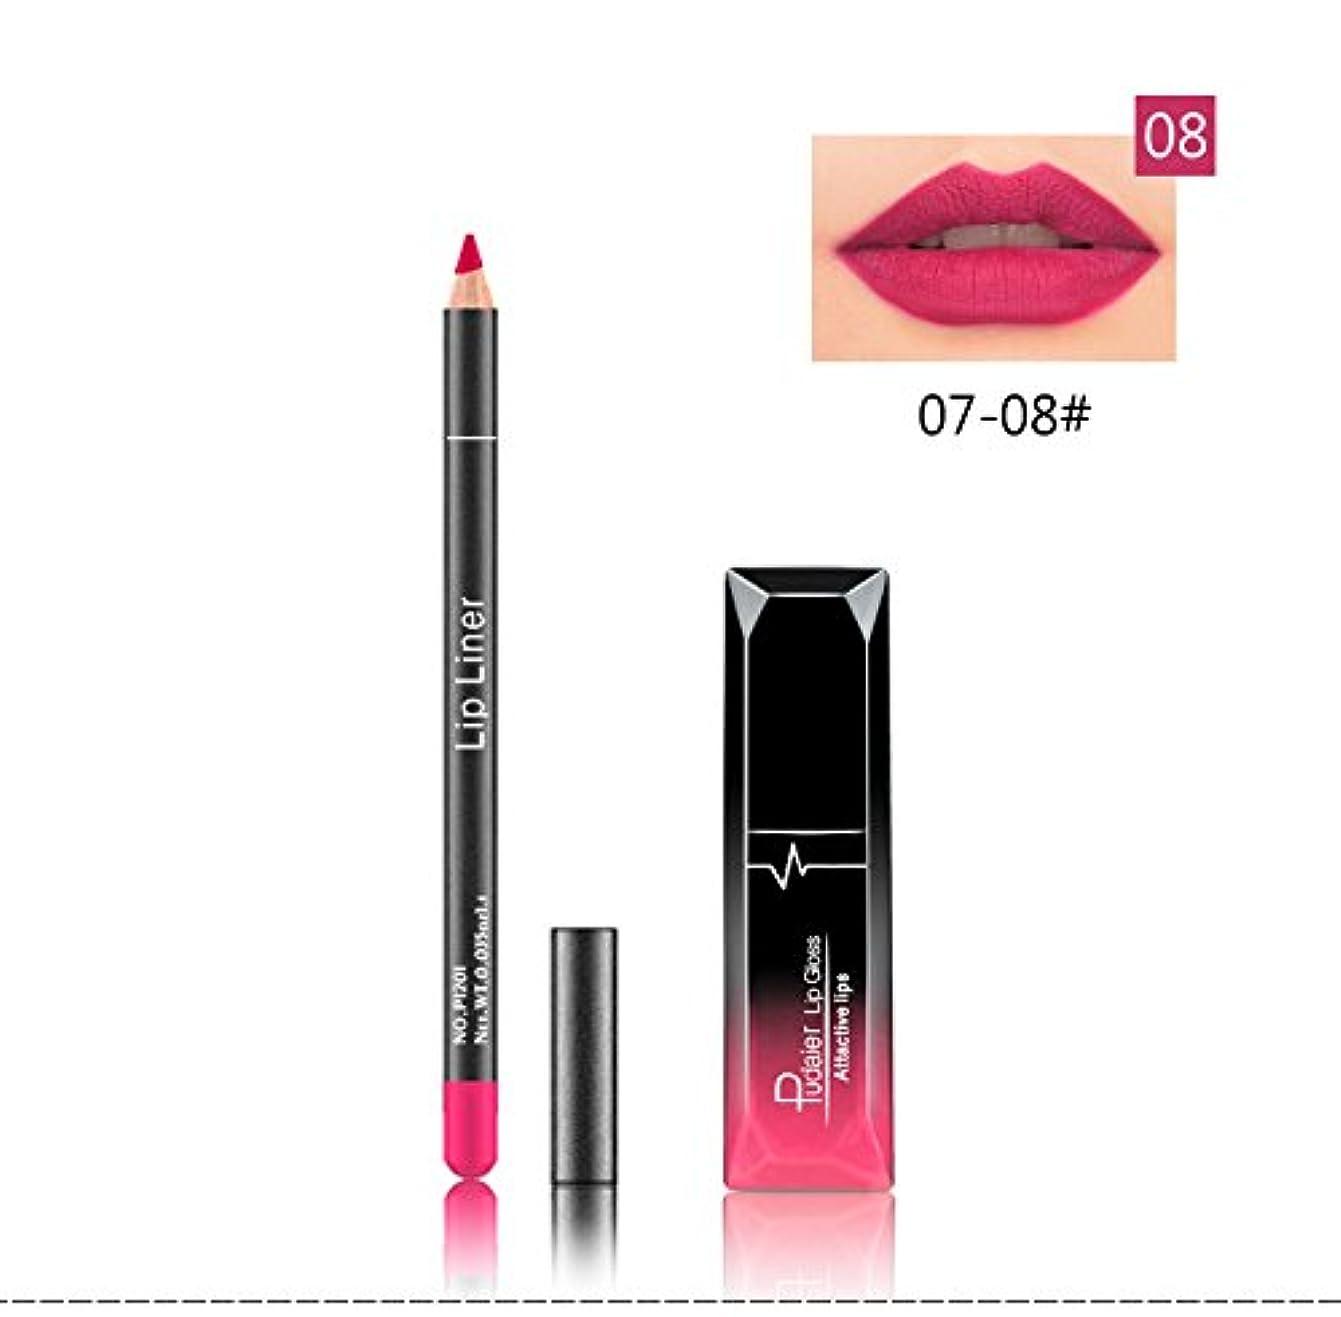 まさになる公園(08) Pudaier 1pc Matte Liquid Lipstick Cosmetic Lip Kit+ 1 Pc Nude Lip Liner Pencil MakeUp Set Waterproof Long...